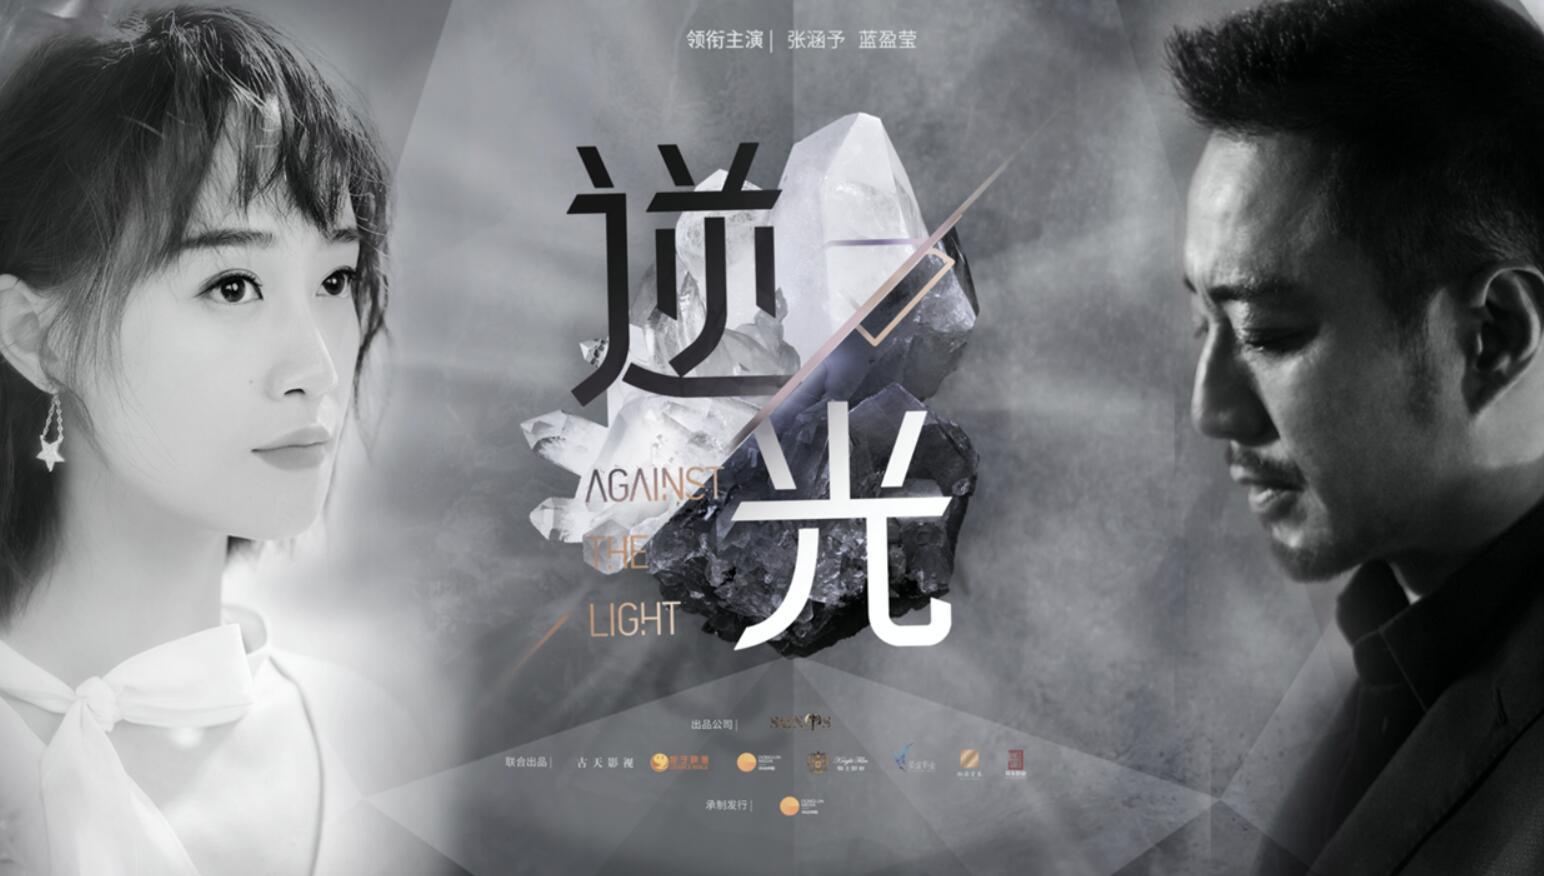 张涵予蓝盈莹主演电视剧《逆光》.jpg